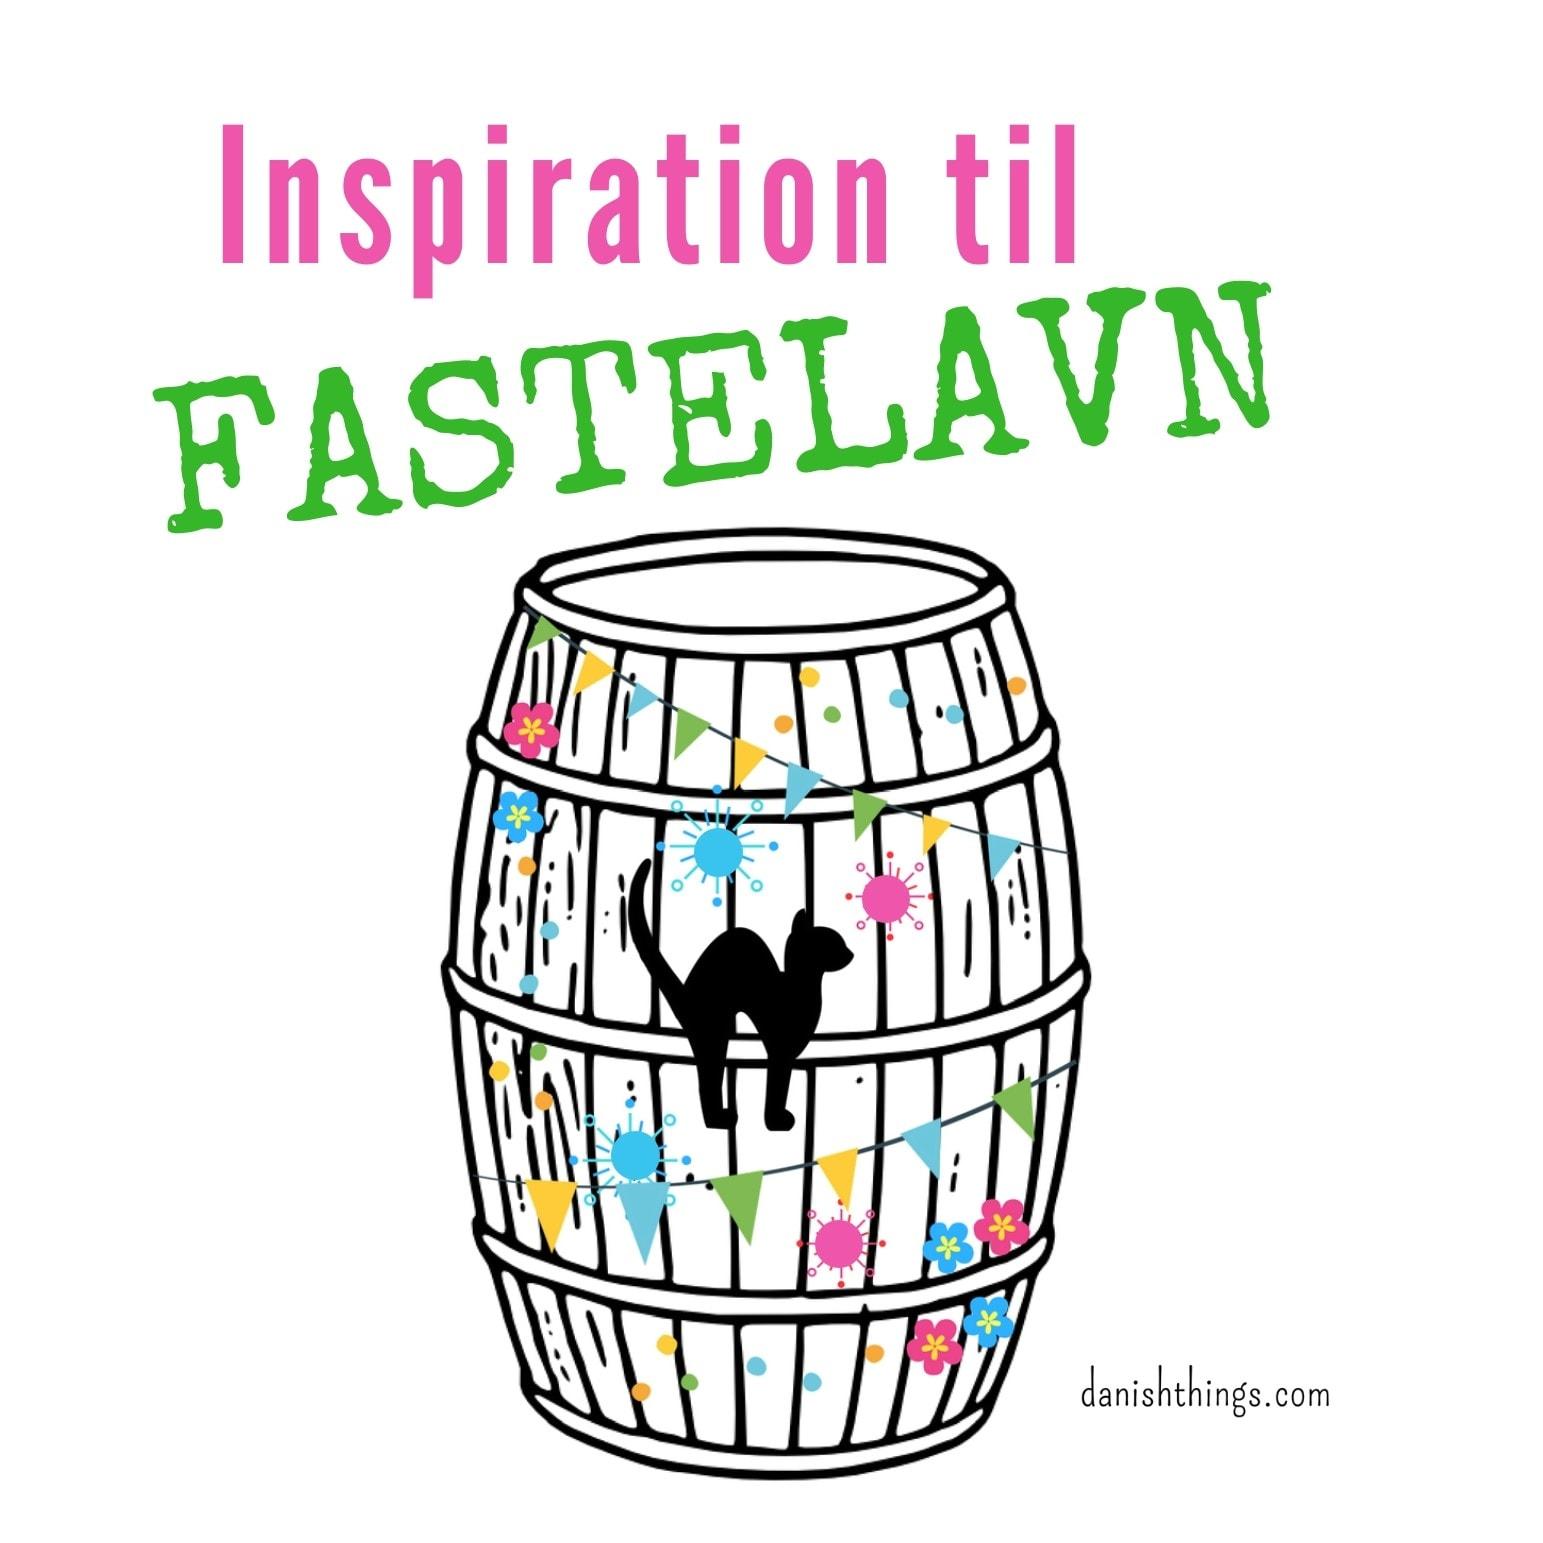 På Danish Things - danishthings.com, finder du gratis klip og pynt til fastelavn - samt inspiration til årets gang. #DanishThings #fastelavn #inspiration #gratis #print #skabeloner #fastelavnstønder #fastelavnstønde #katte #fastelavnskatte #masker #fastelavnsmasker